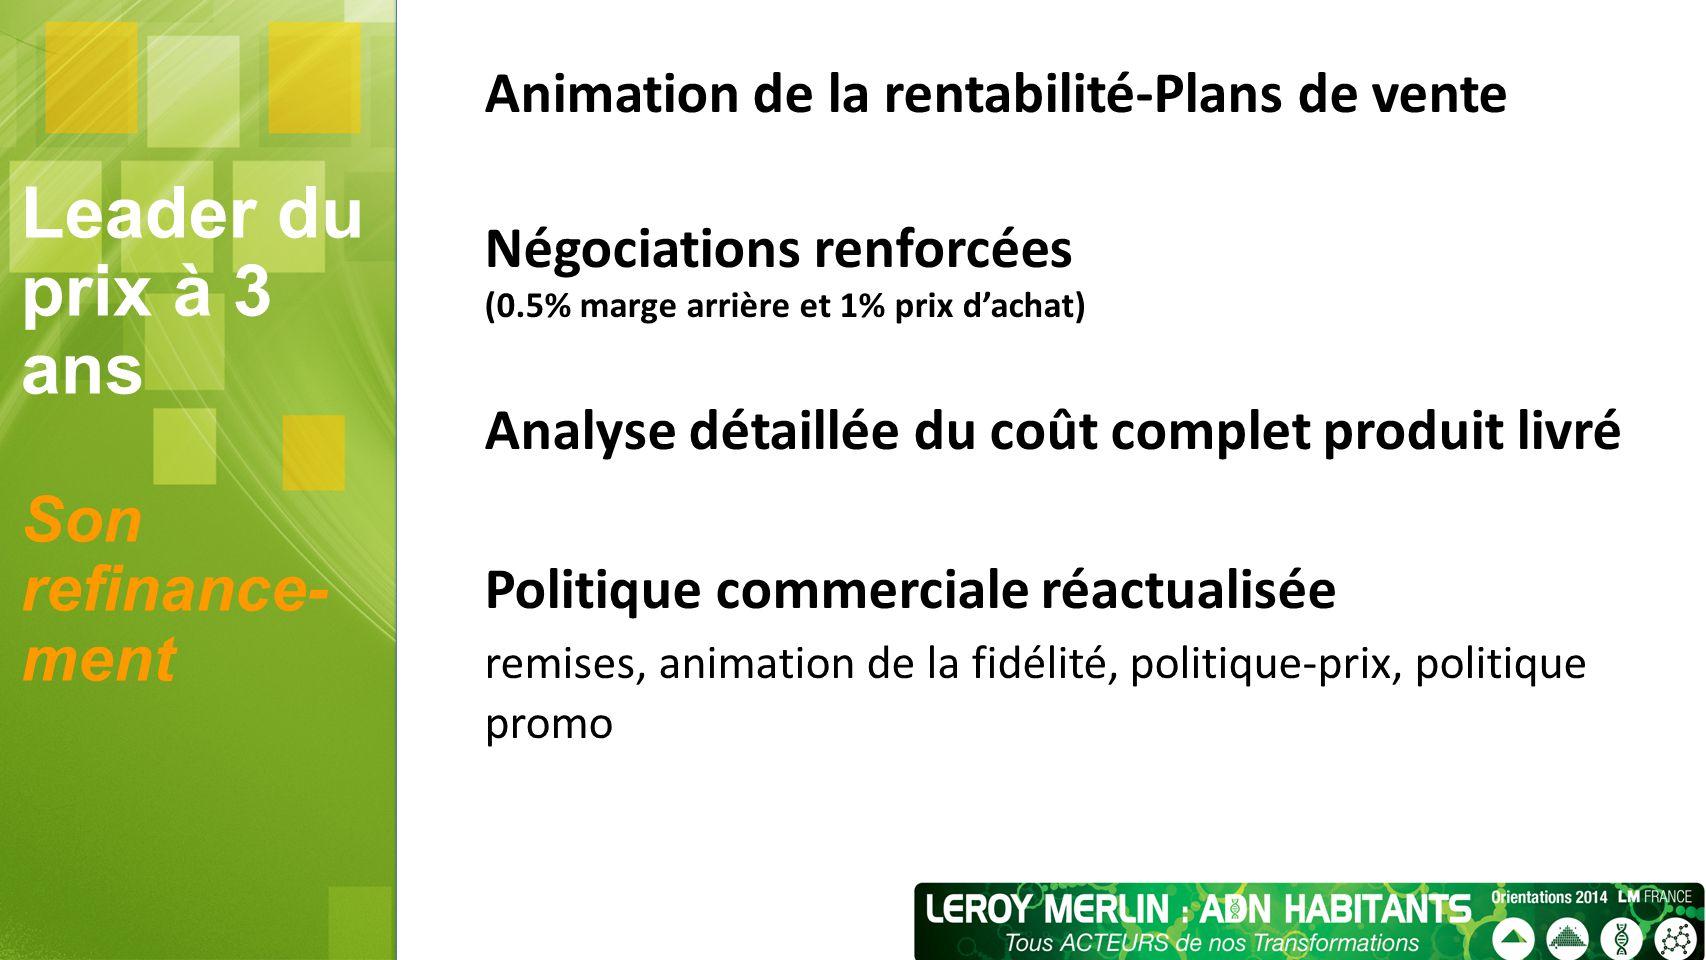 Leader du prix à 3 ans Son refinance- ment Animation de la rentabilité-Plans de vente Négociations renforcées (0.5% marge arrière et 1% prix d'achat)